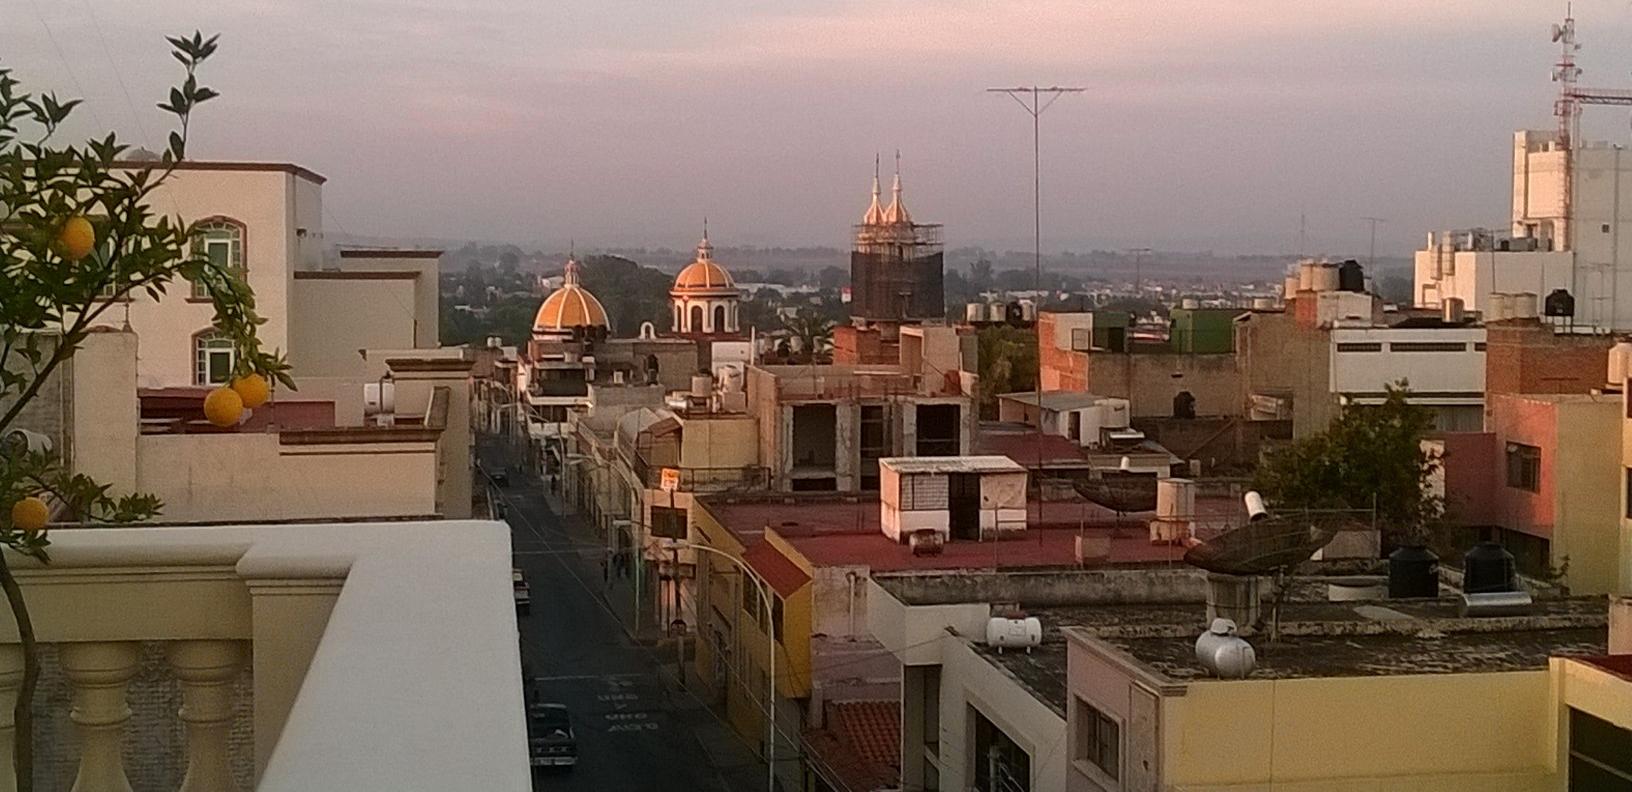 tepatitlan de Morelos